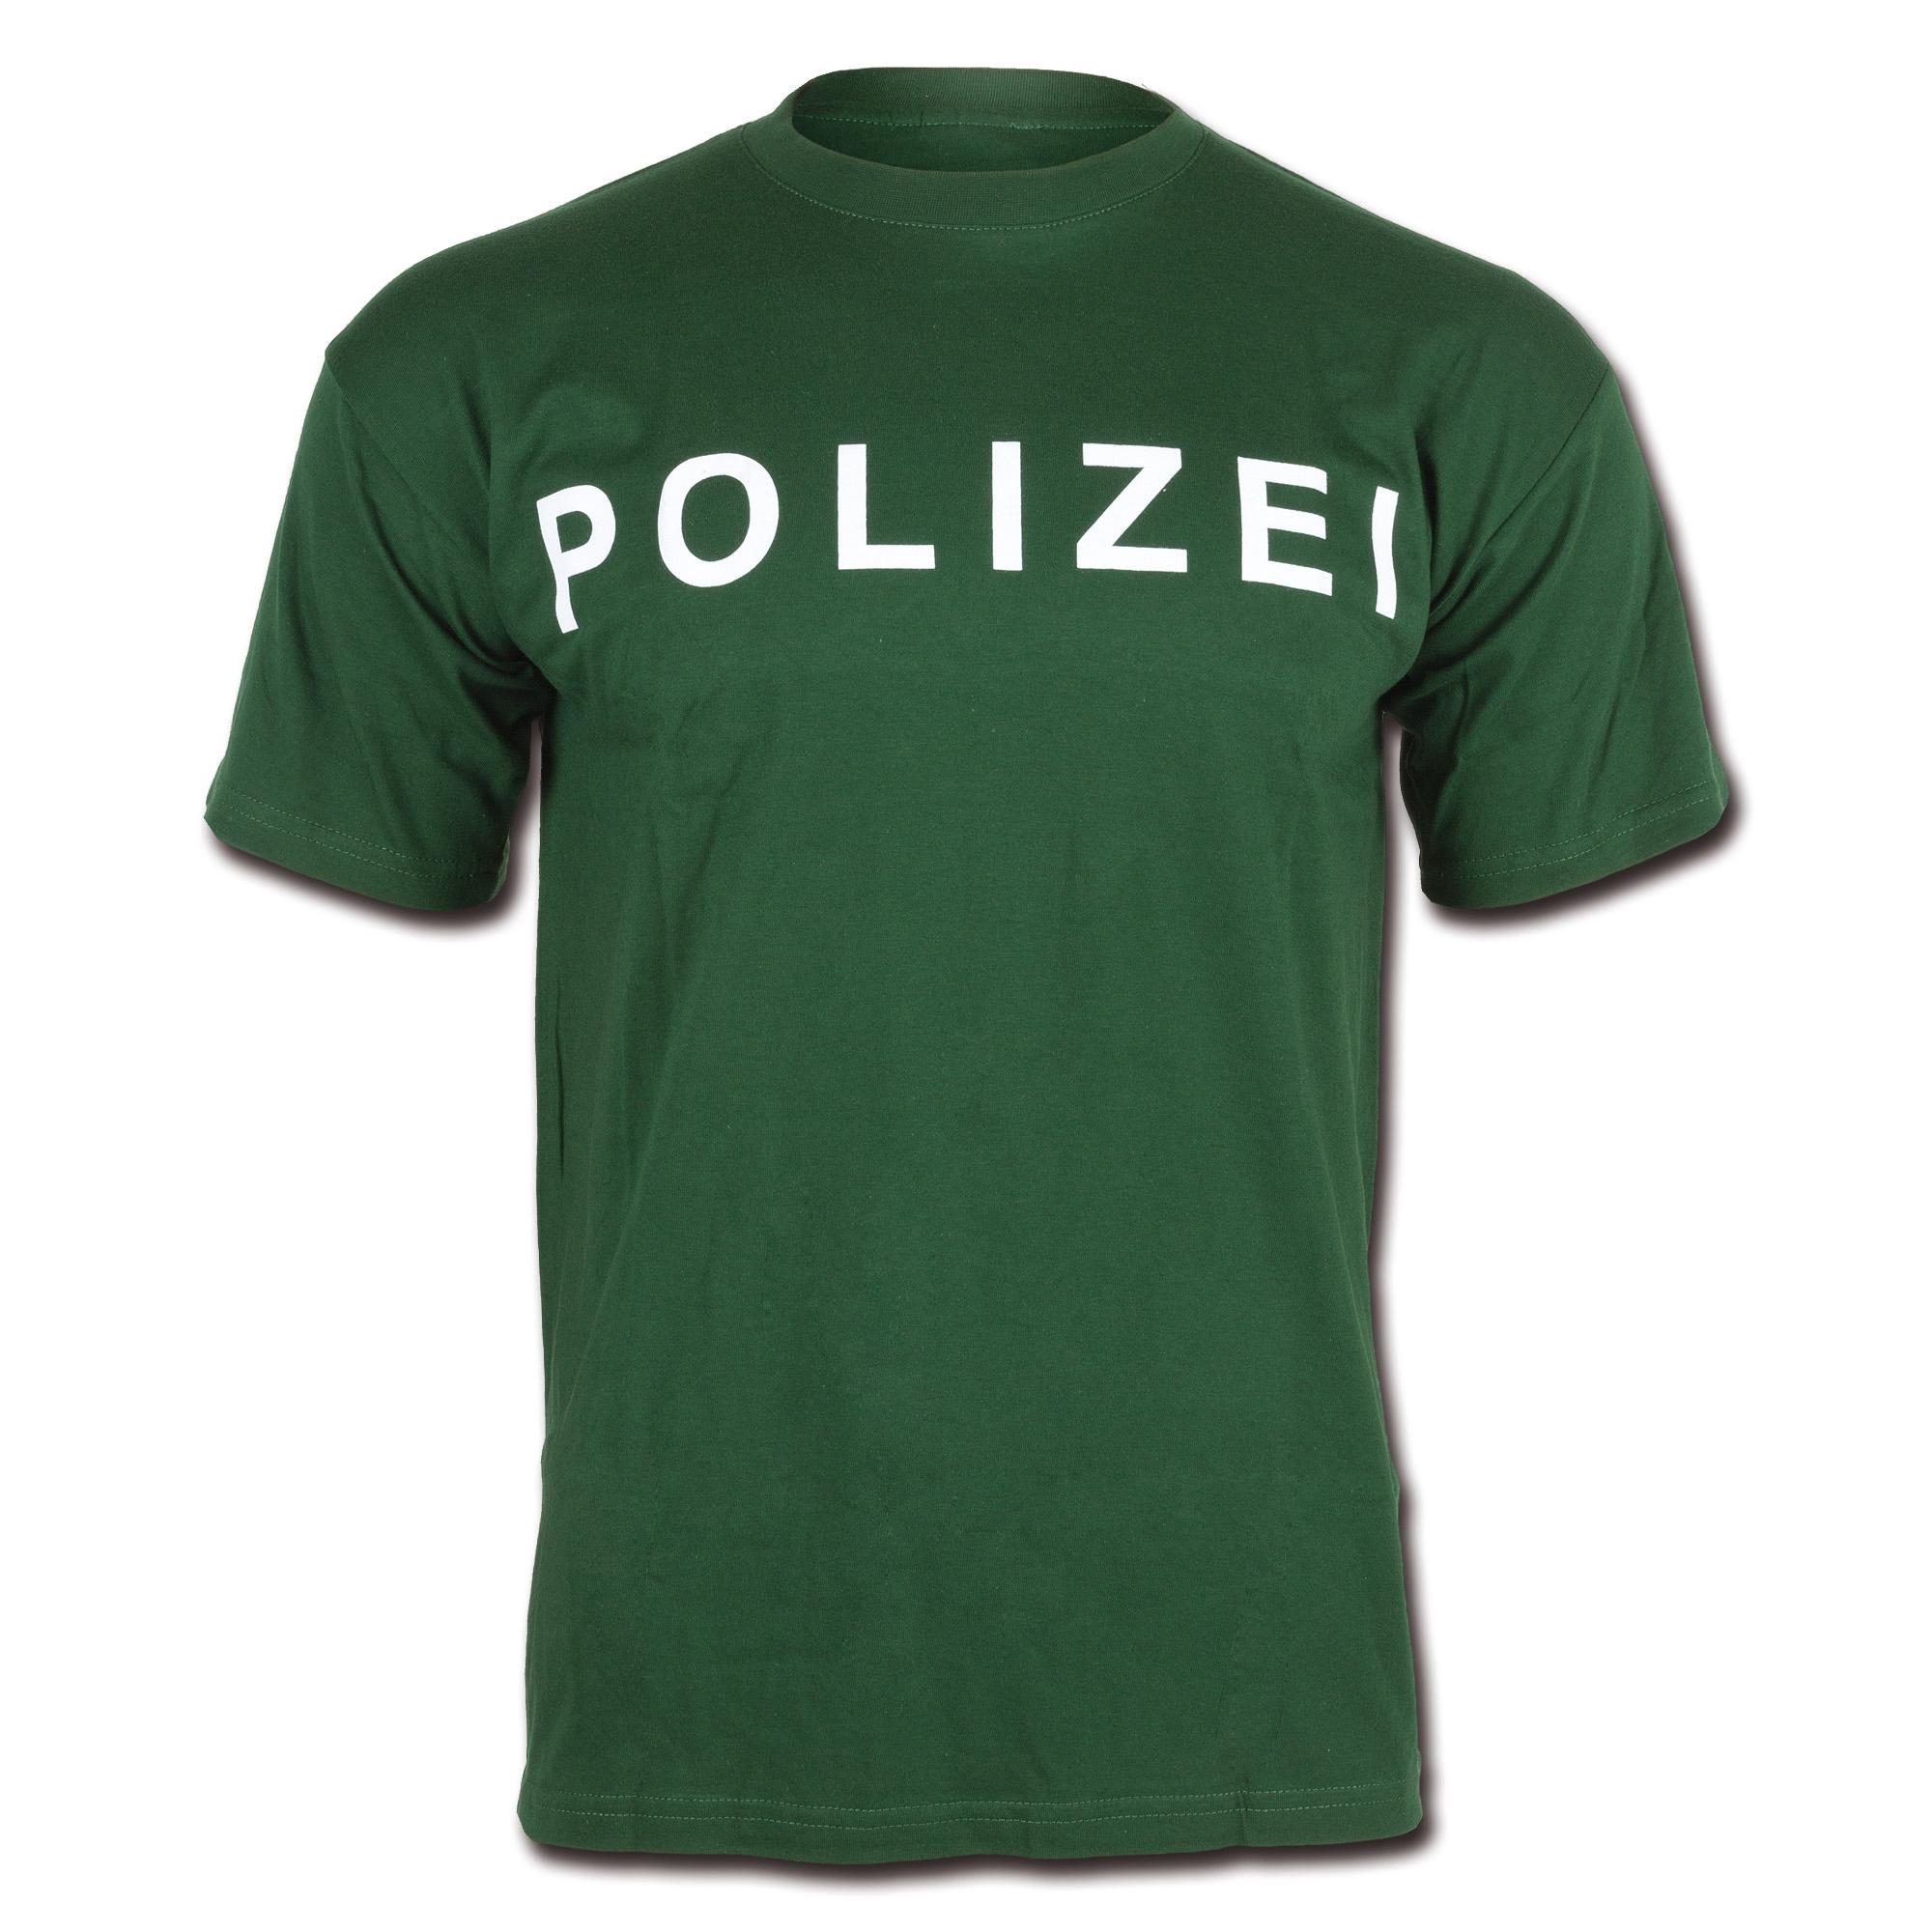 Camiseta Polizei verde